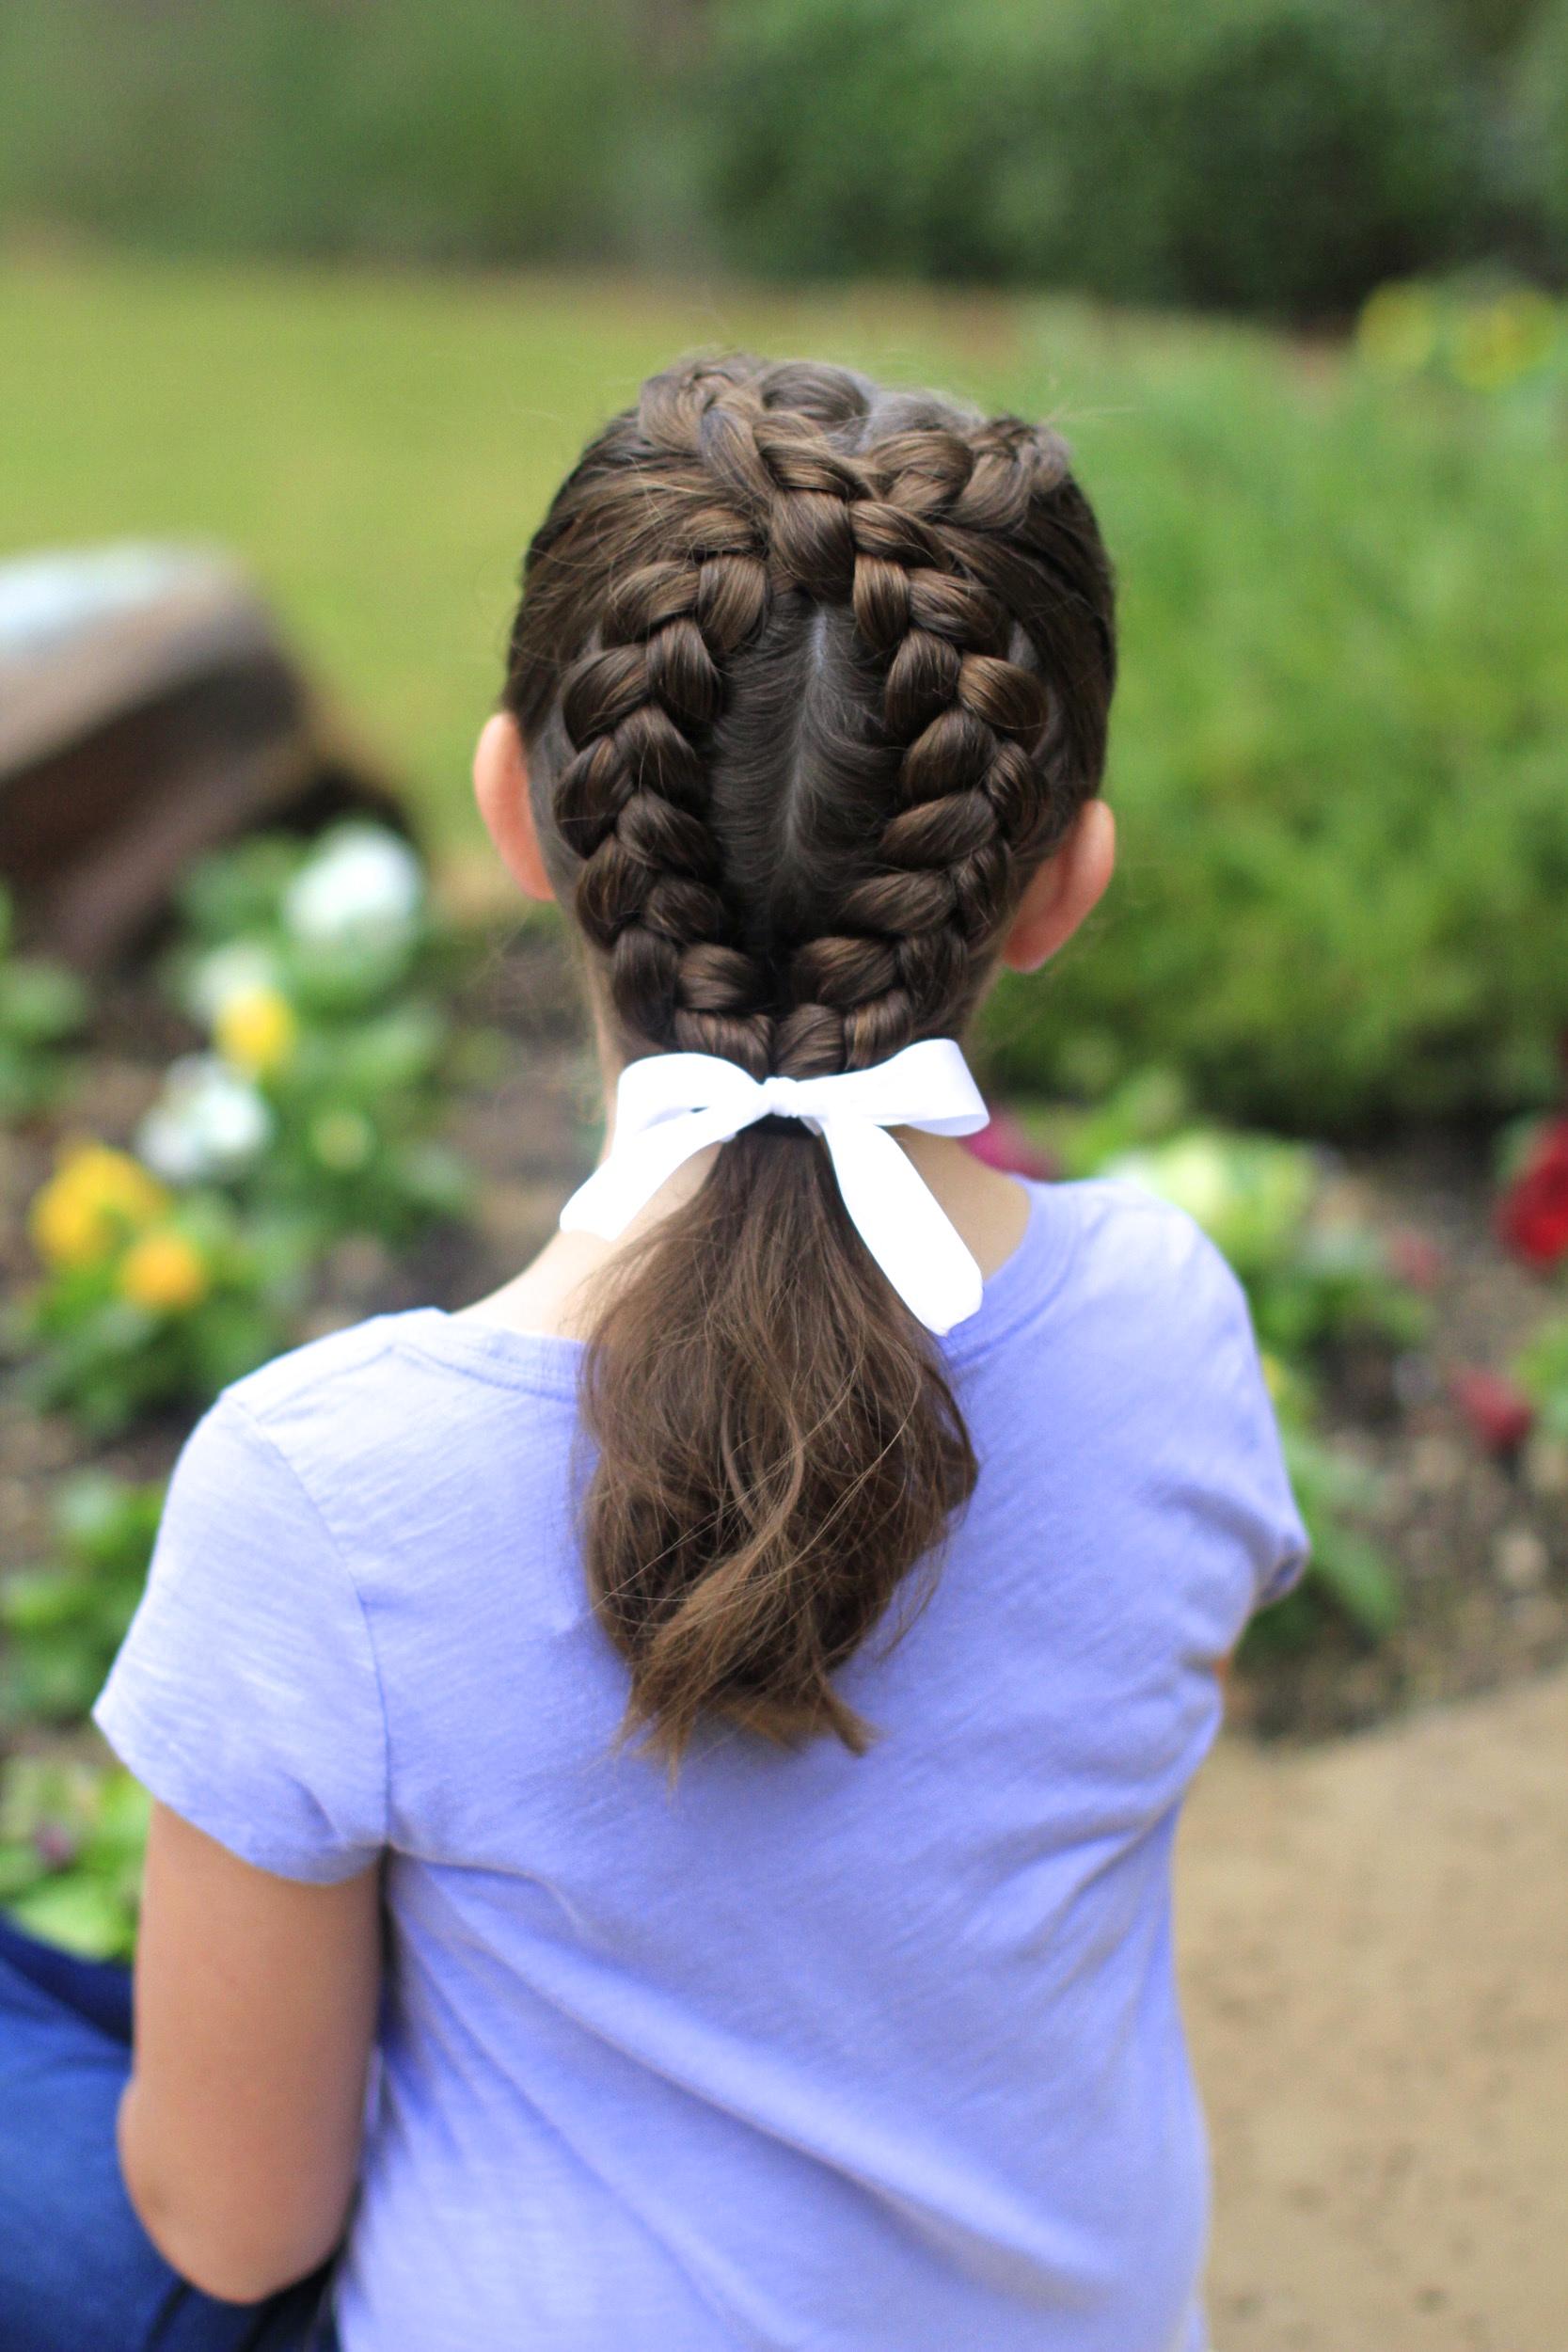 Mermaid Half Braid | Hairstyles for Long Hair | Cute Girls ... |Pretty Braids For Girls